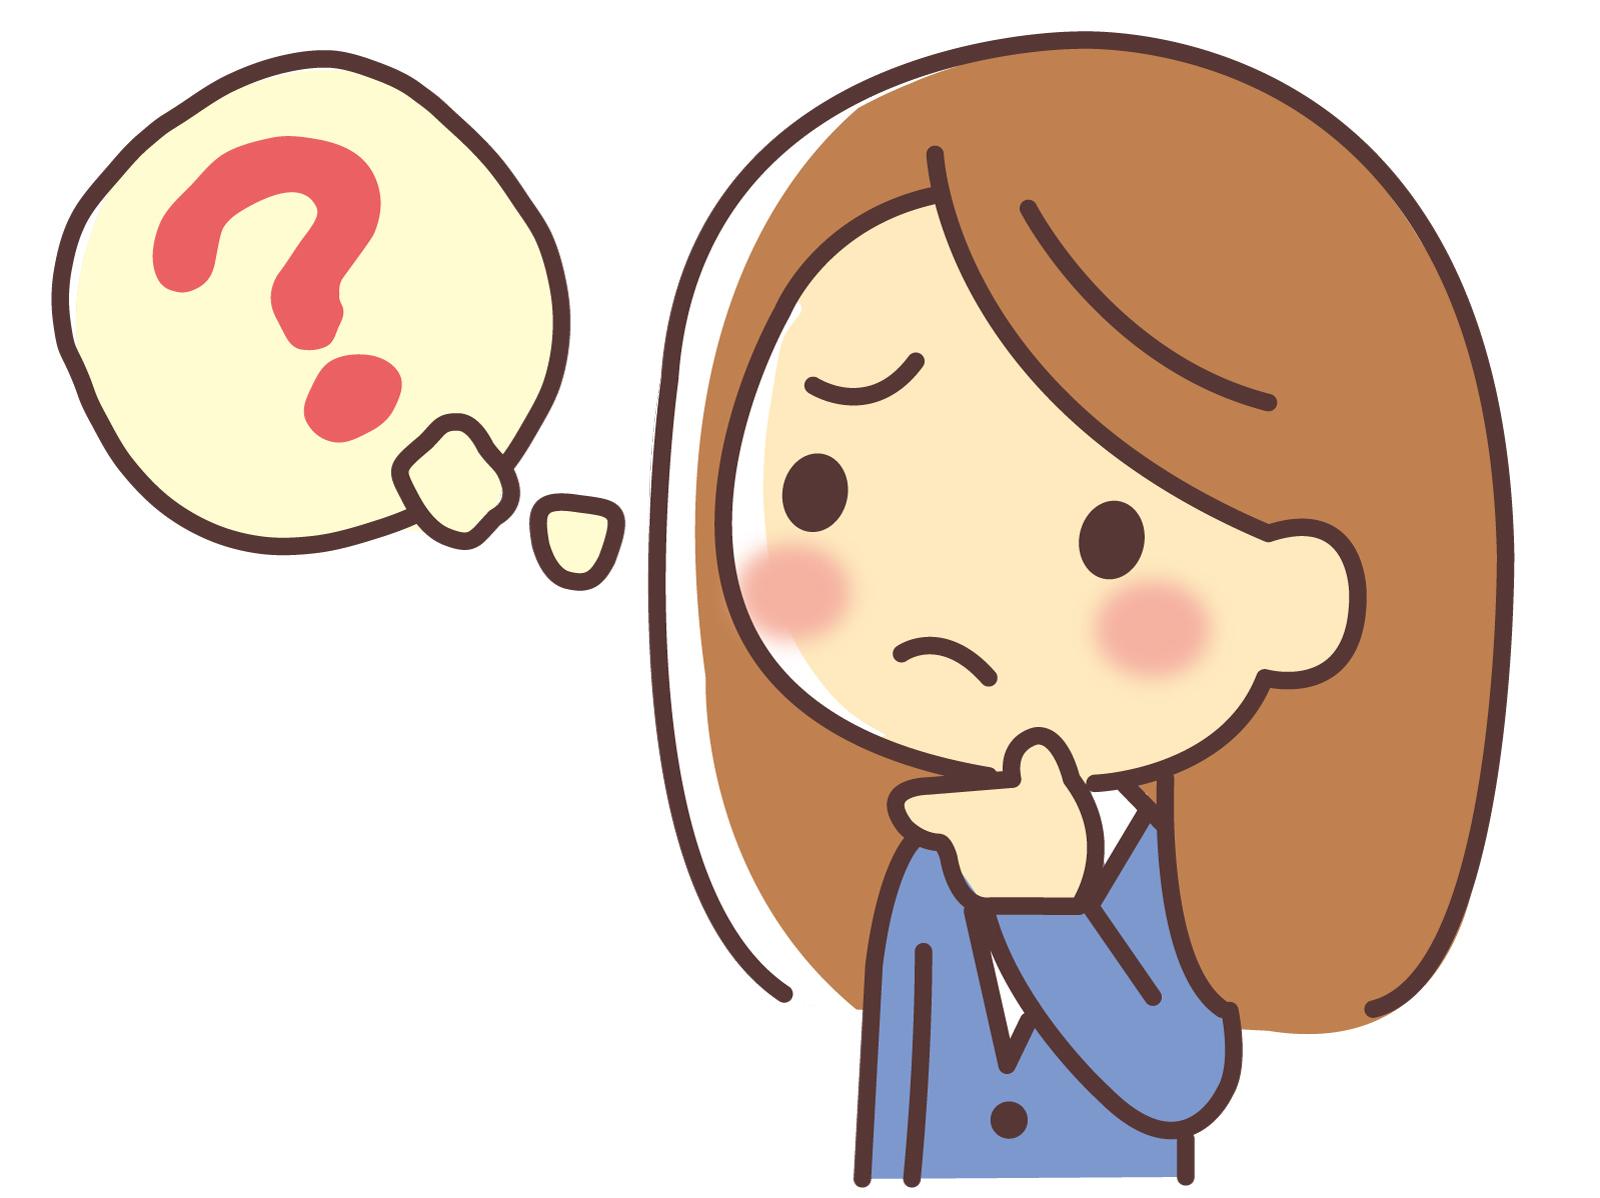 医療用ウィッグは必要か? 脱毛しにくい抗がん剤_f0277245_14252758.jpg